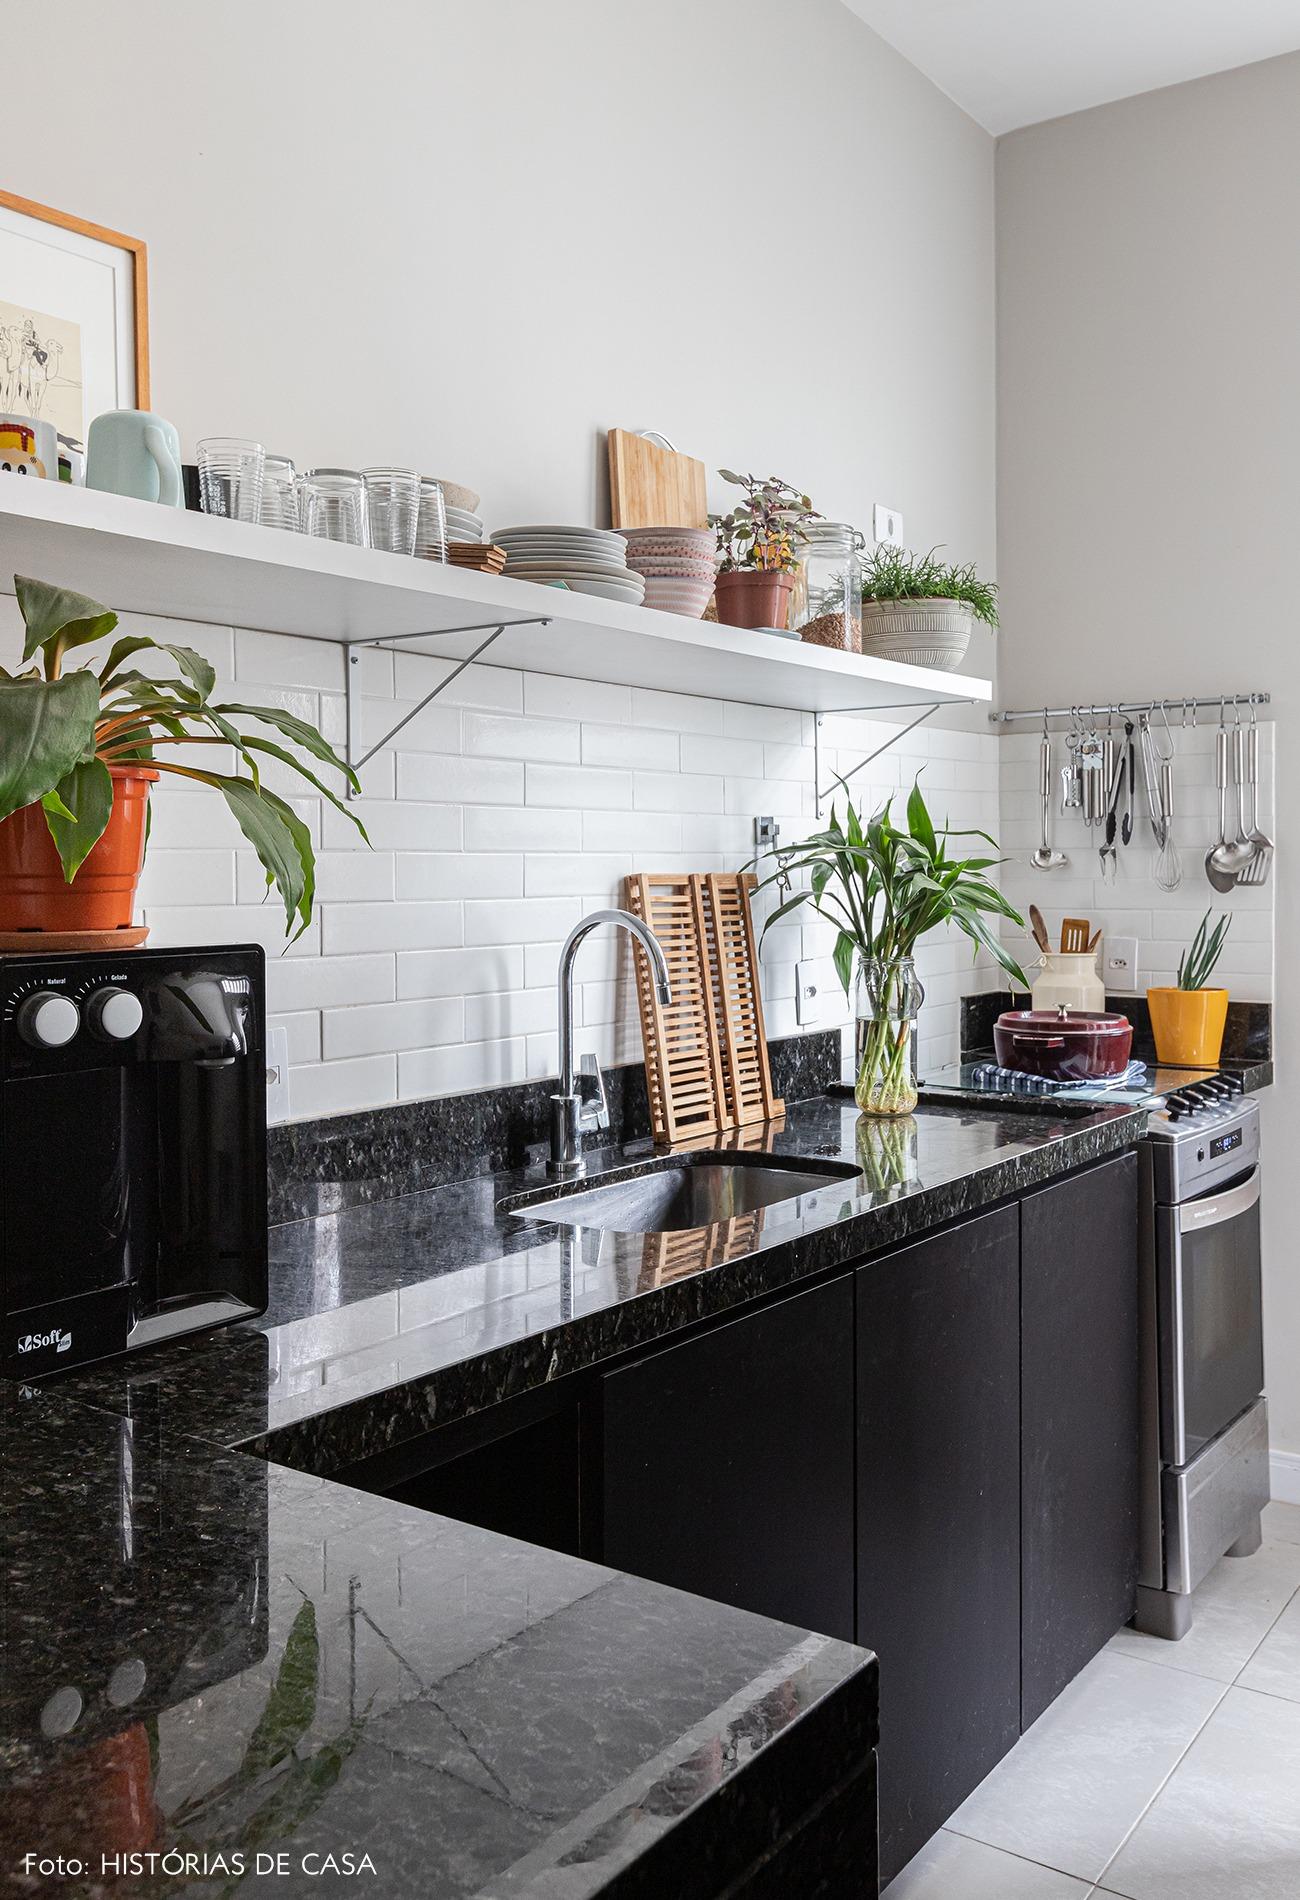 cozinha-moveis-pretos-chao-parede-branca